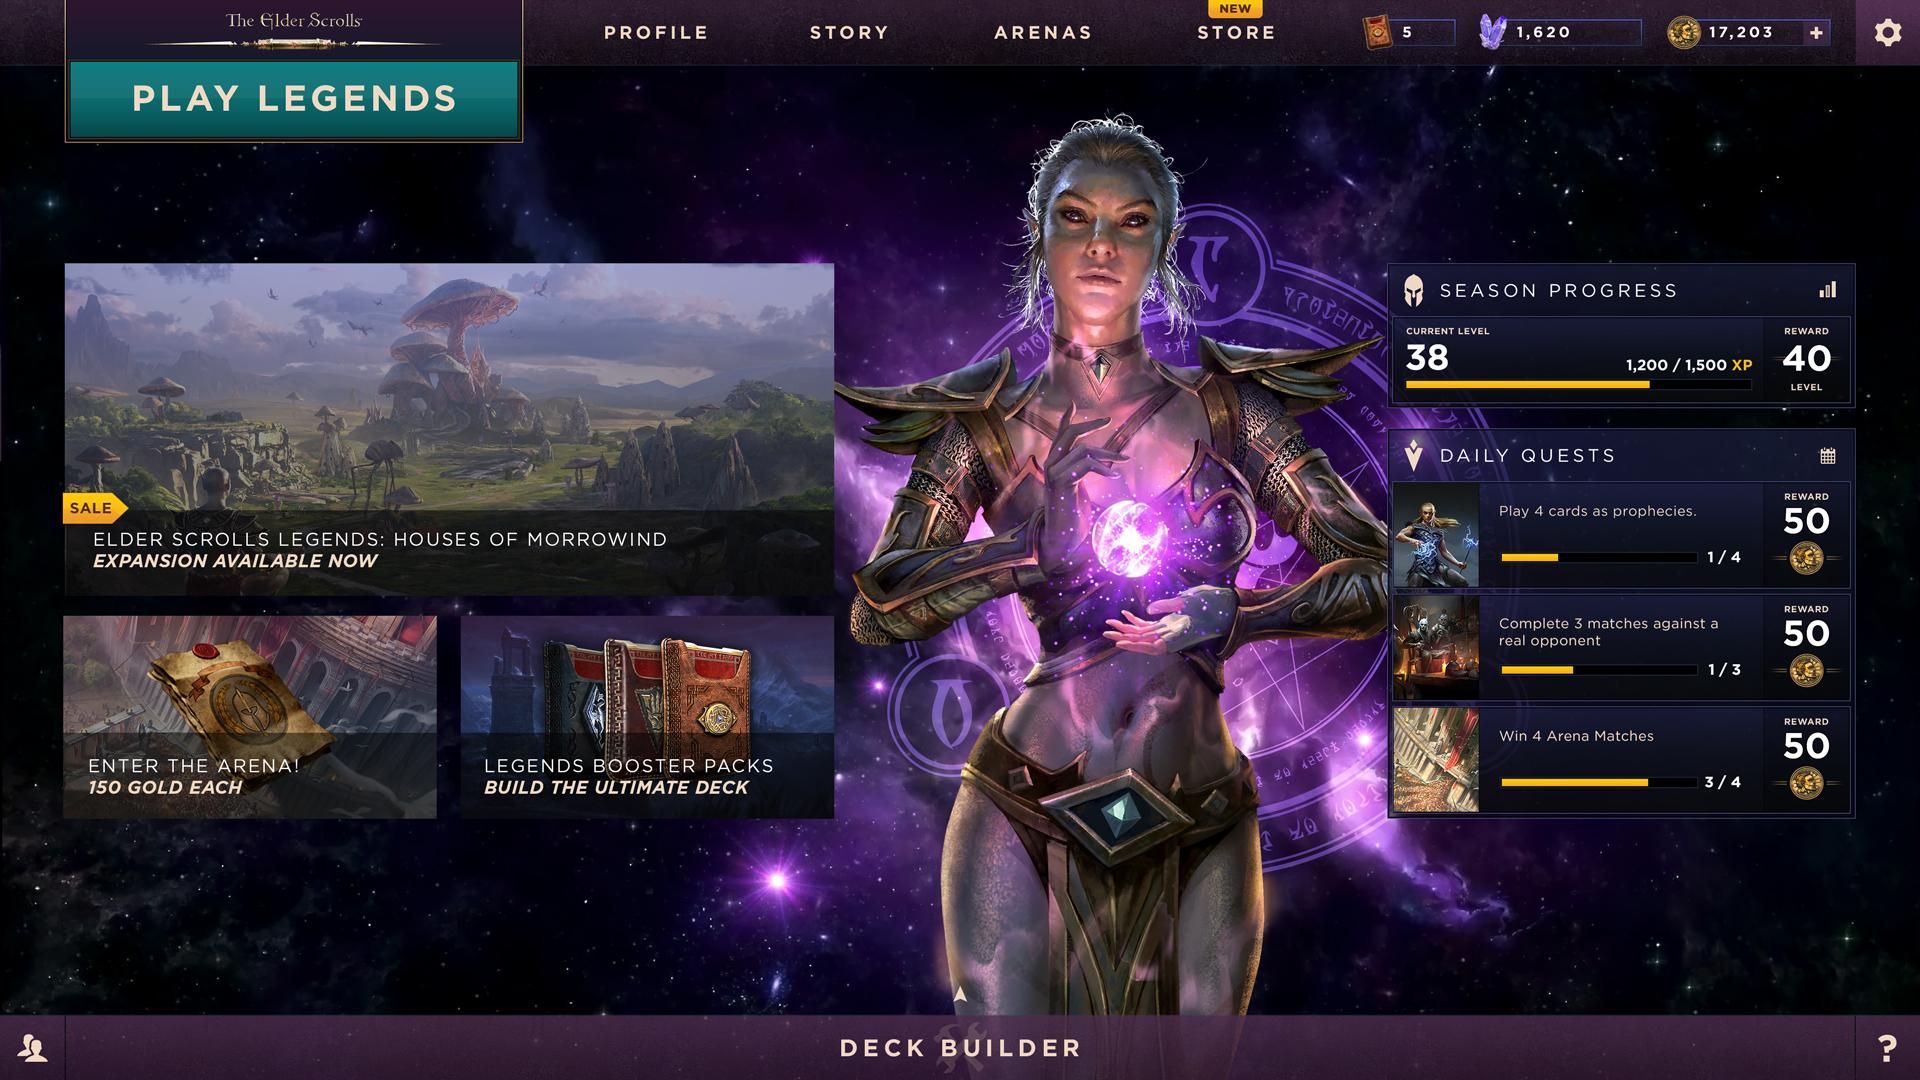 The Elder Scrolls Online Legends Wallpapers: The Elder Scrolls®: Legends™ On Steam